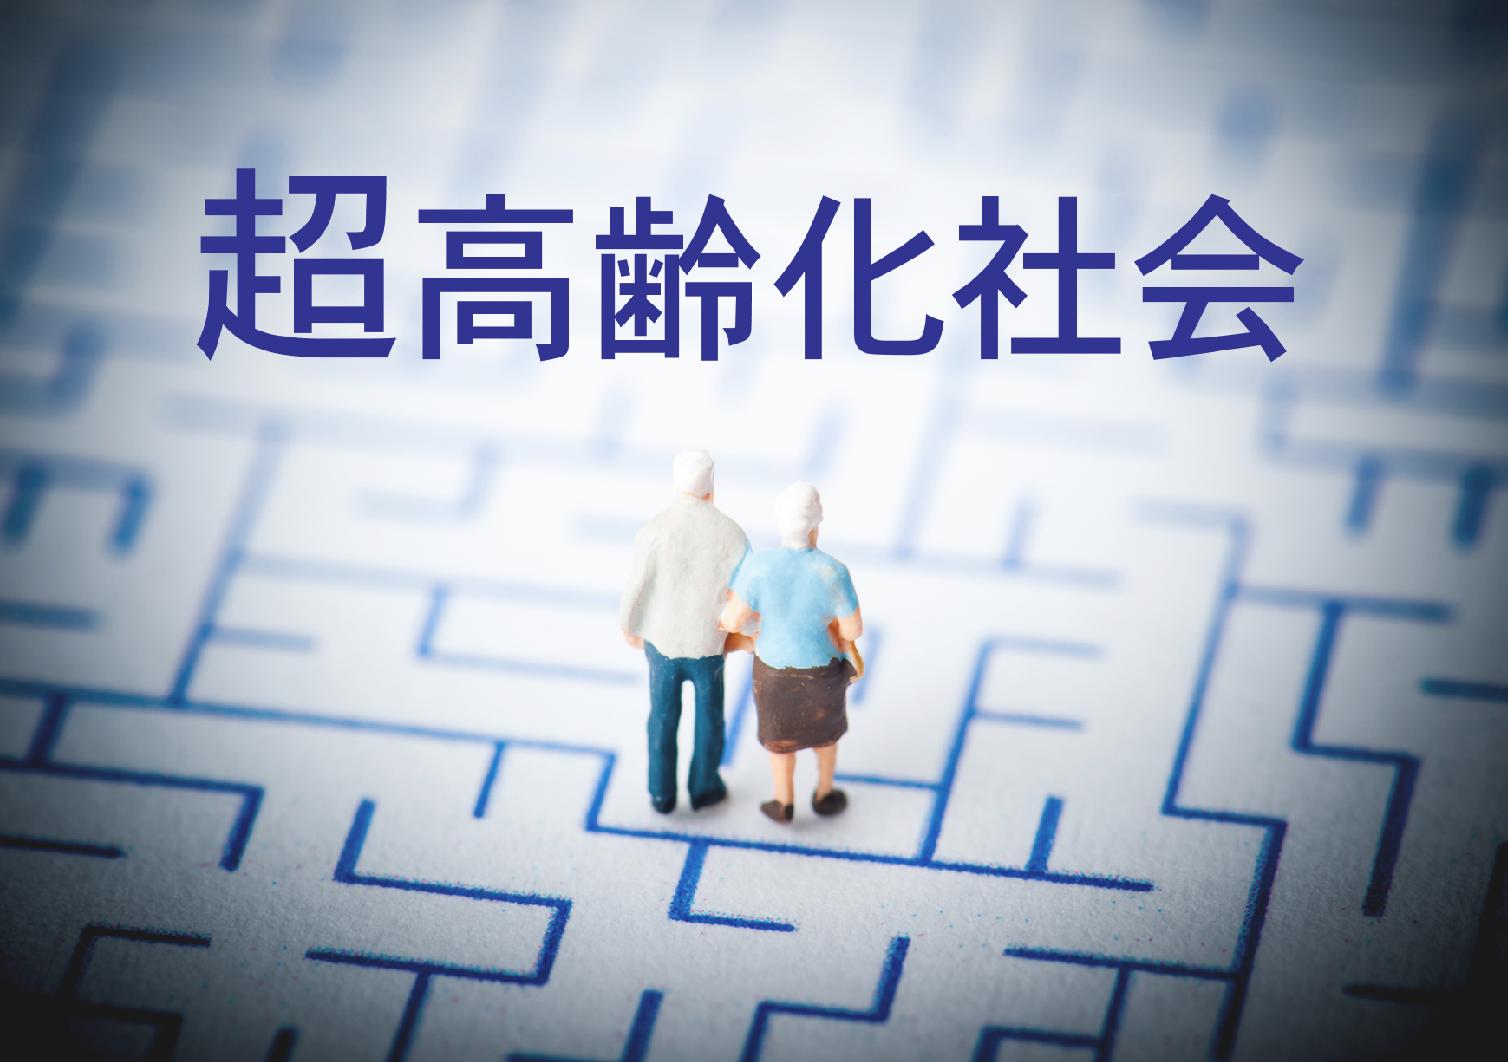 マネセツ137(山本)介護保険の現状と将来/メイン